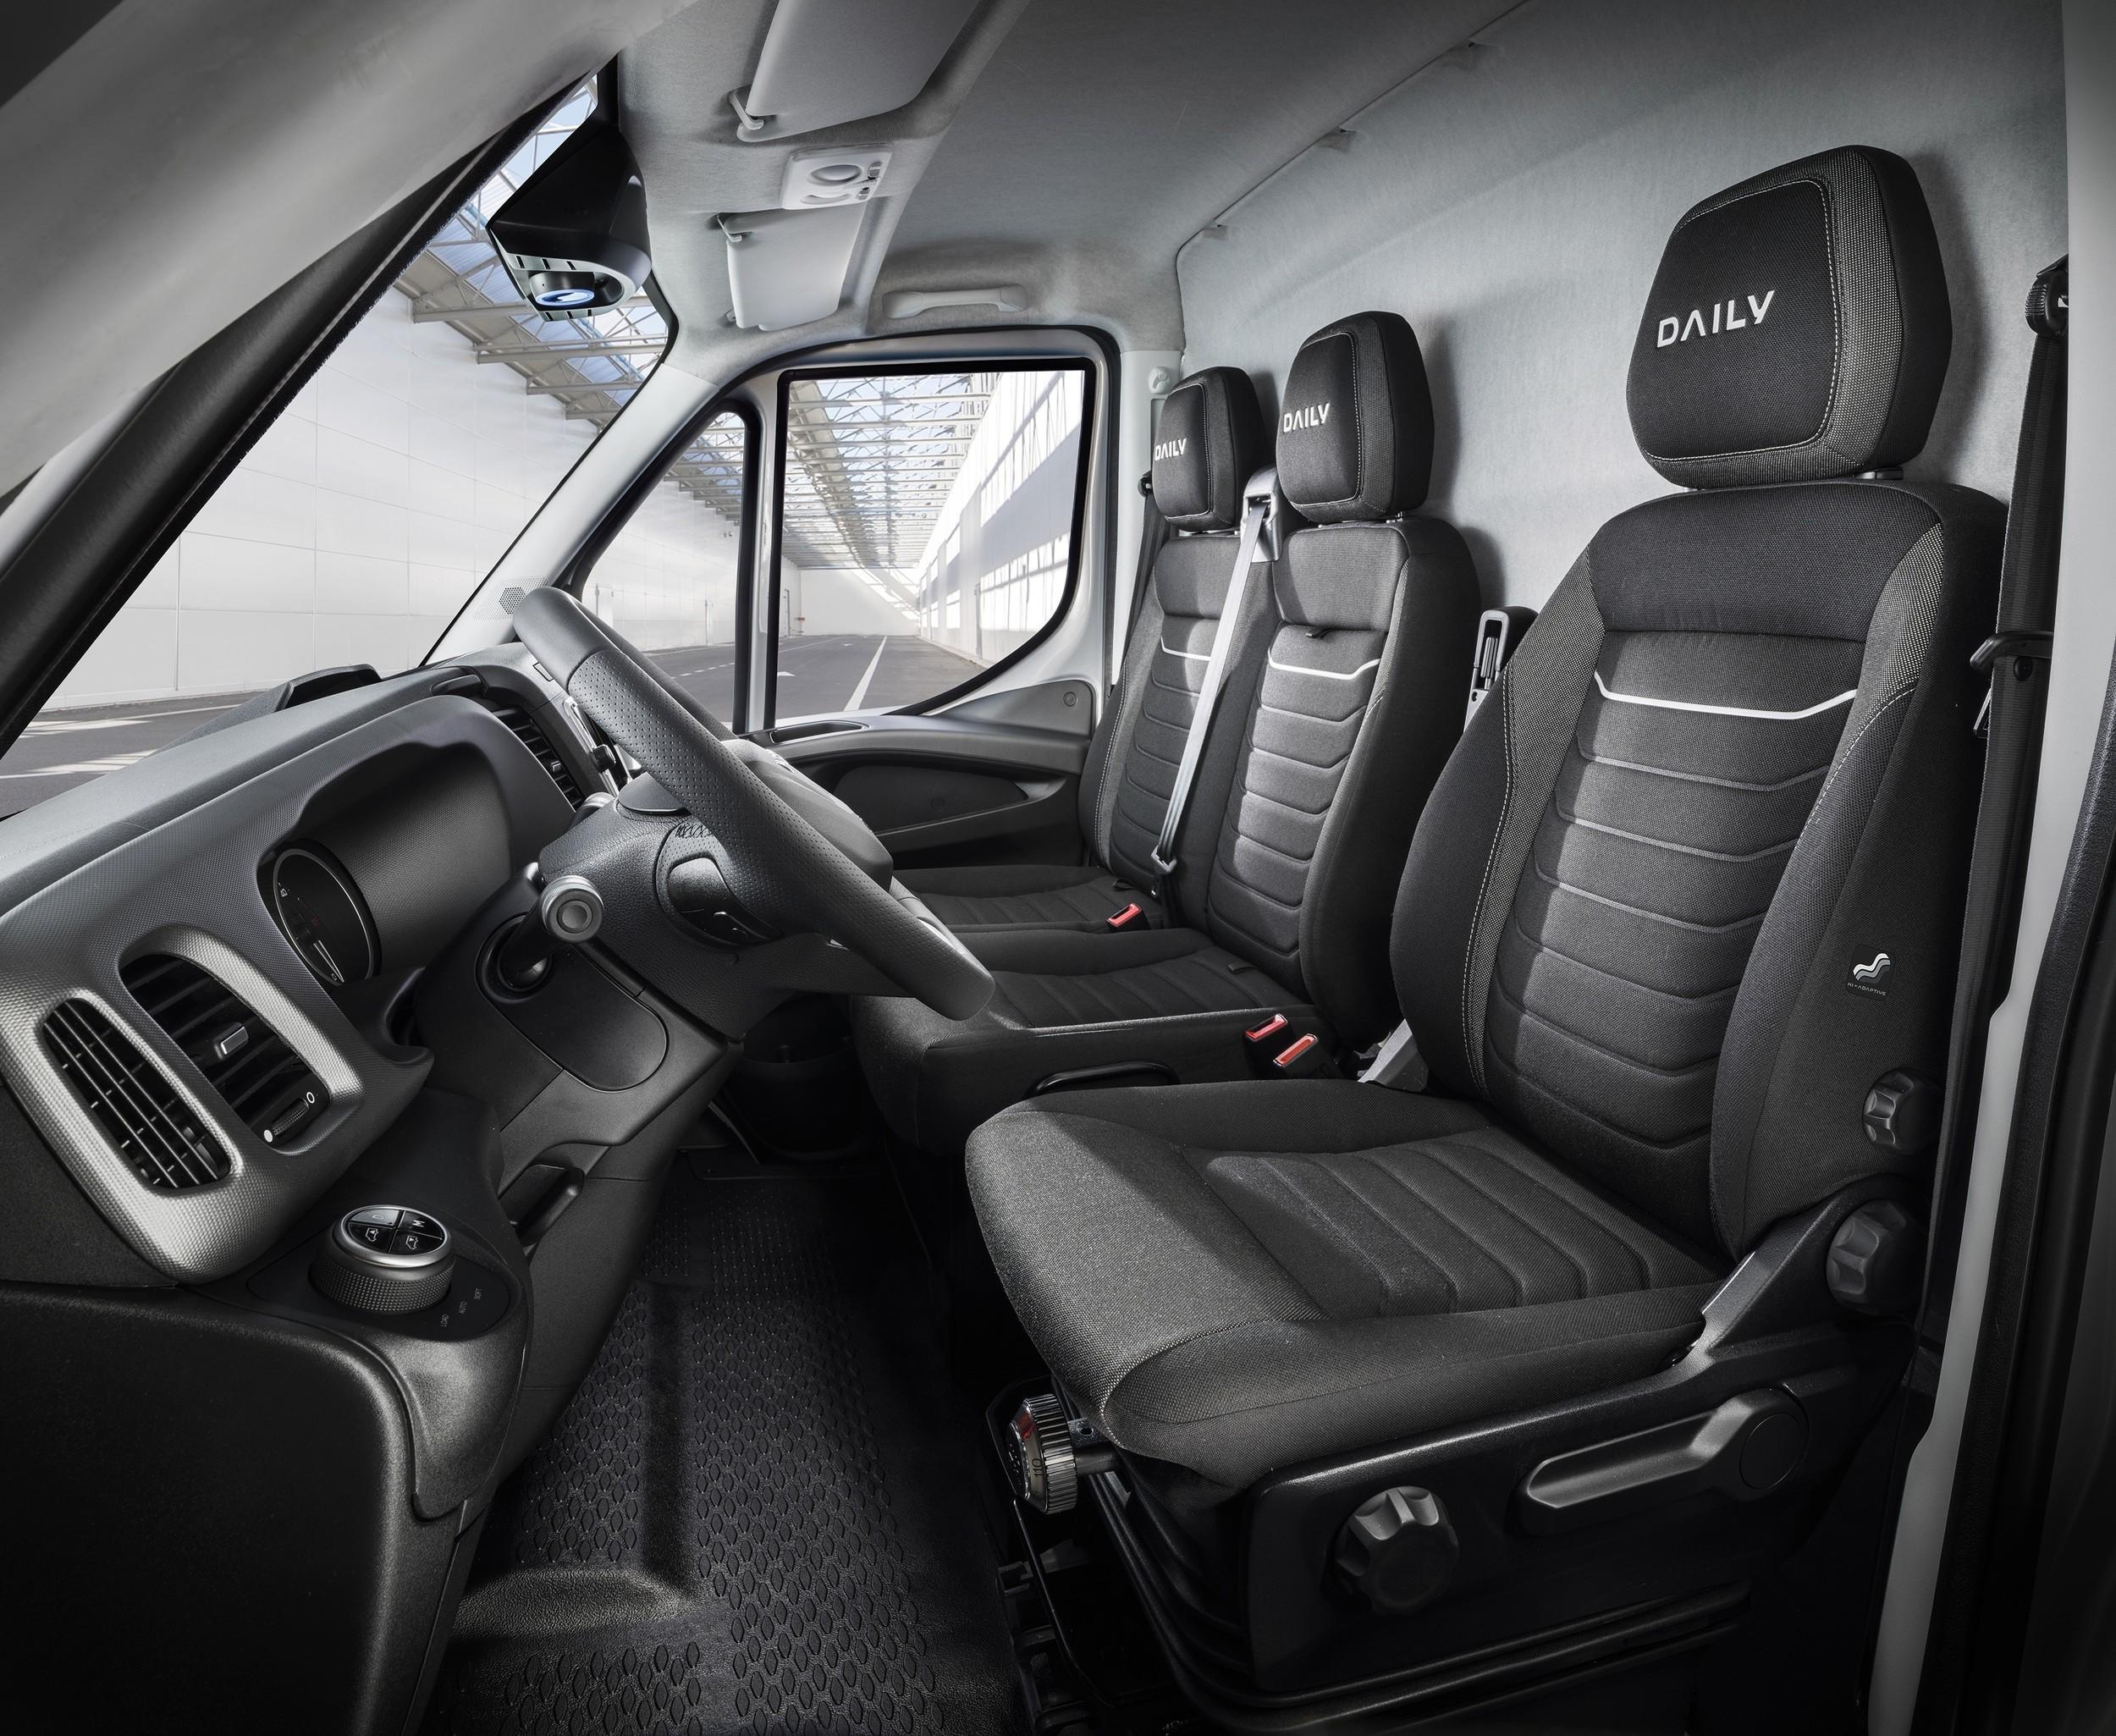 Ещё раз обновлённый Iveco Daily: «струны» на передке, пневмоподвеска и новые сиденья